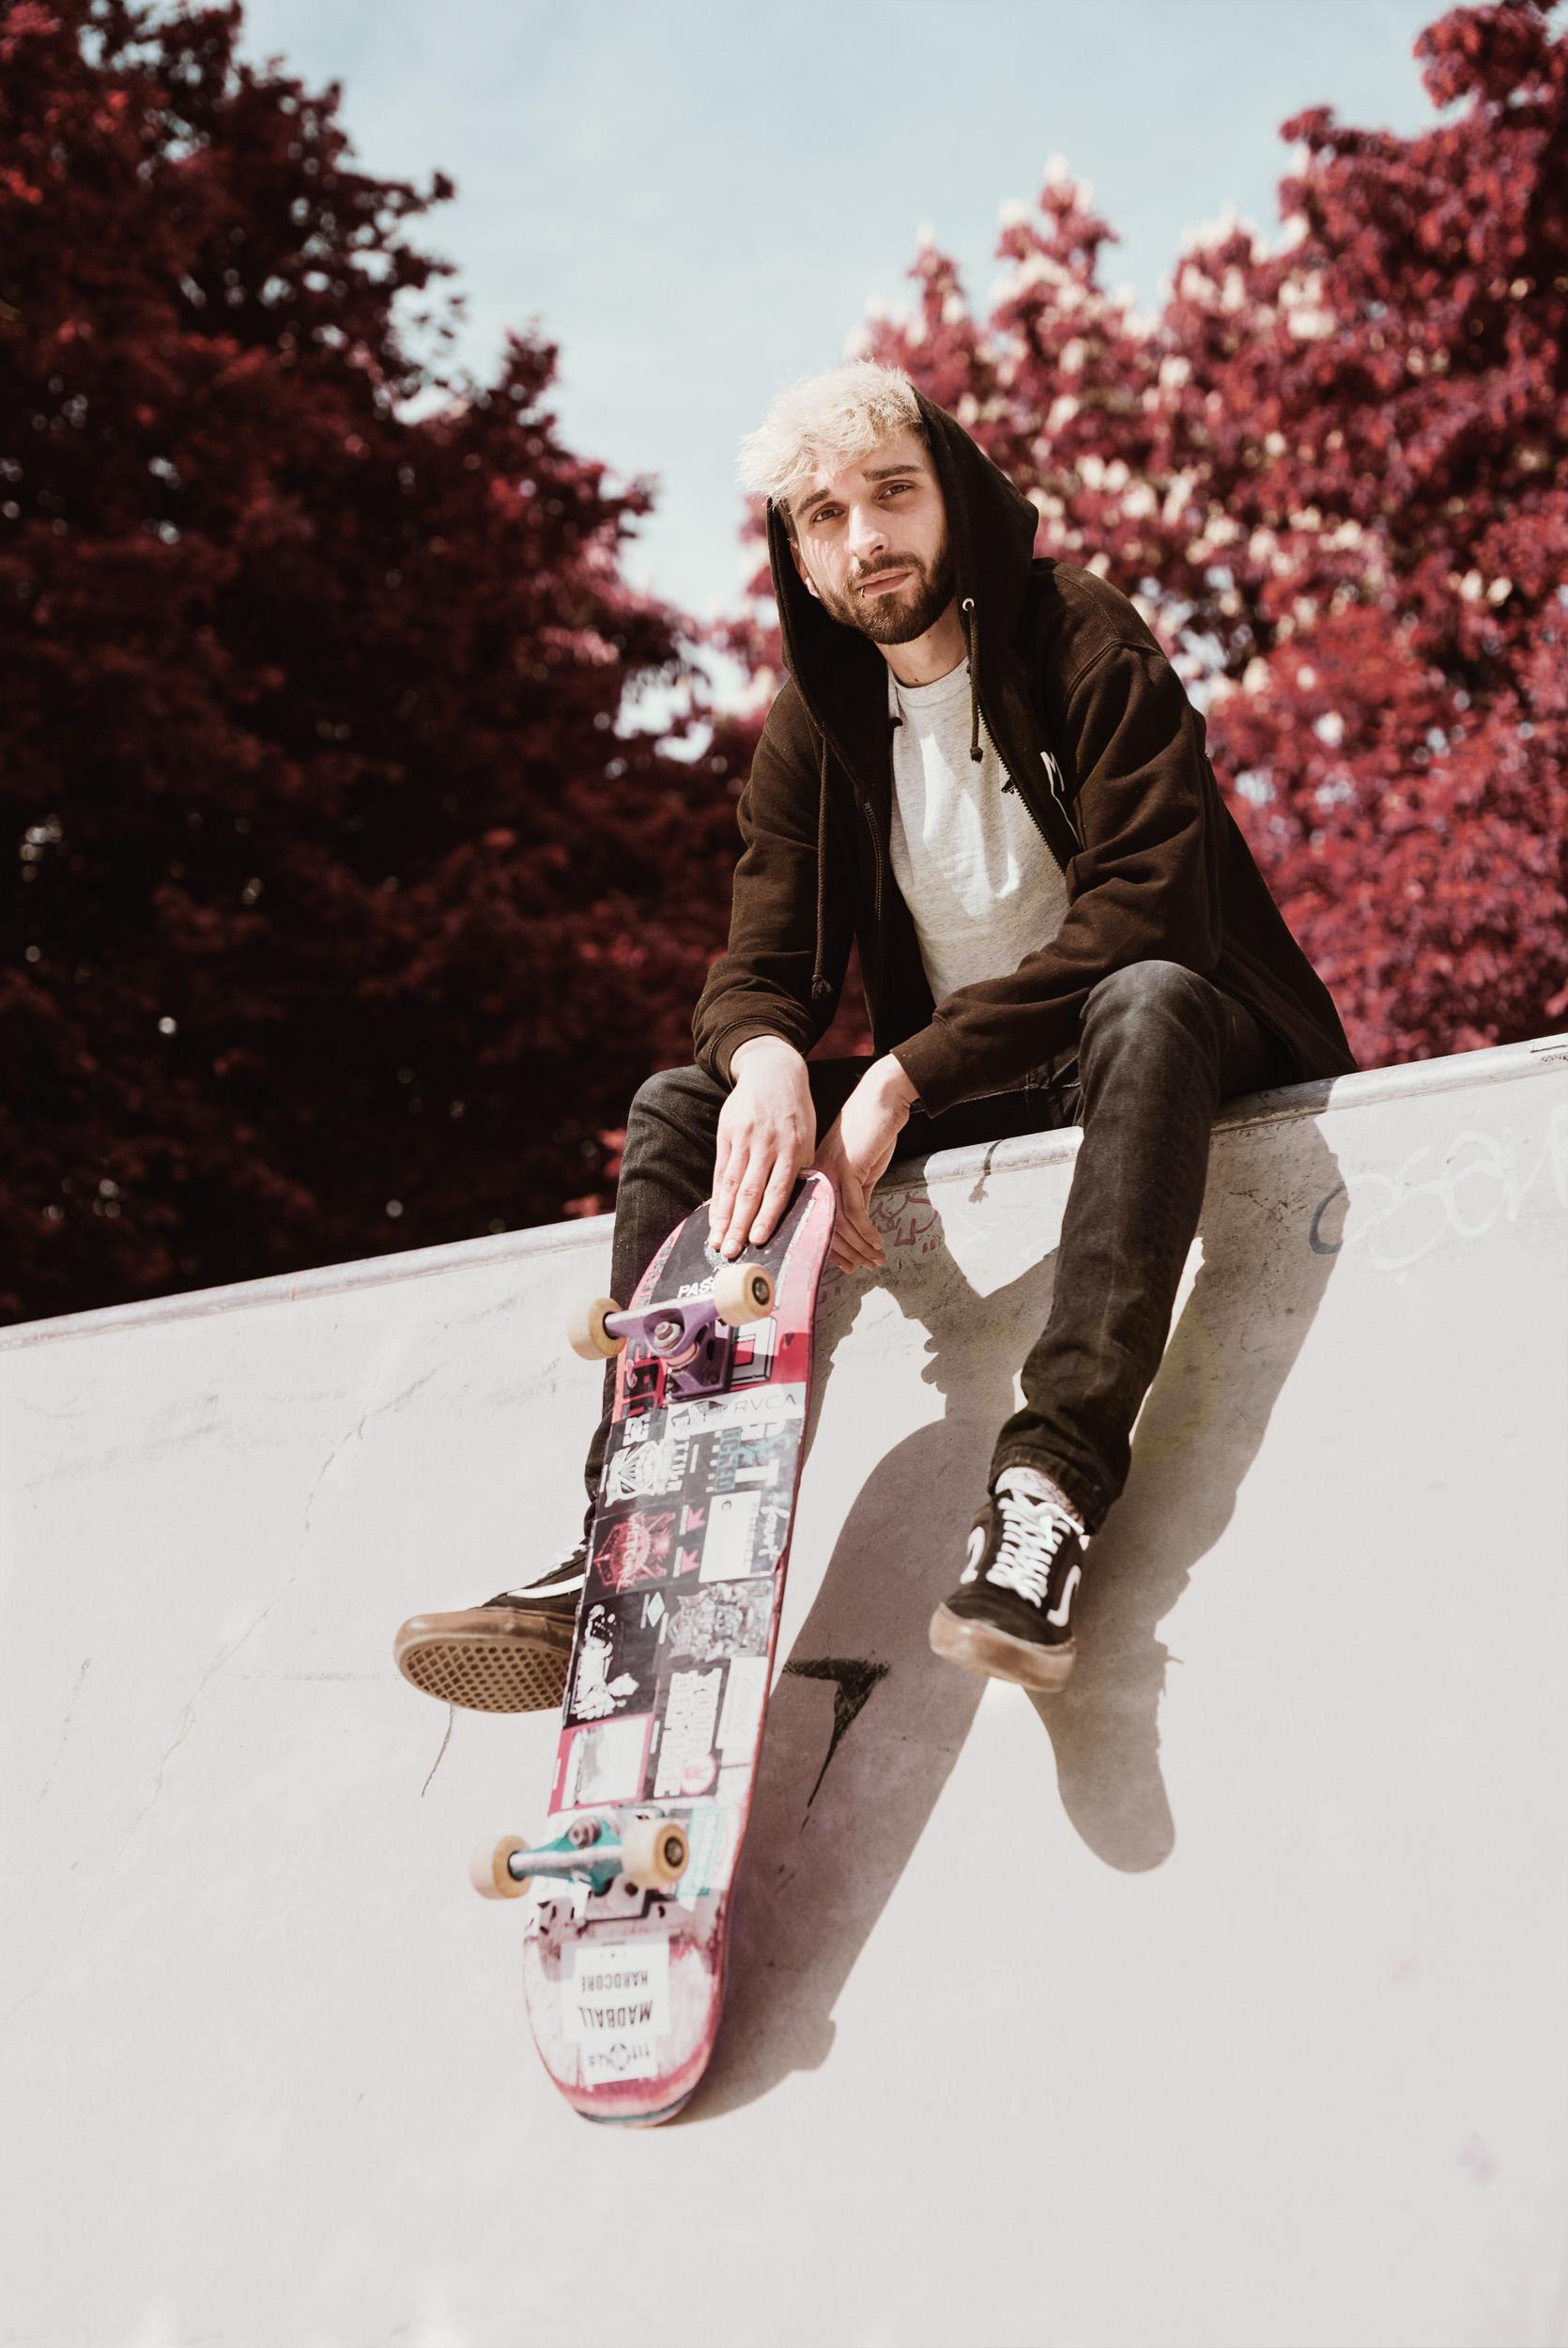 Skatebrand_Halfpipe